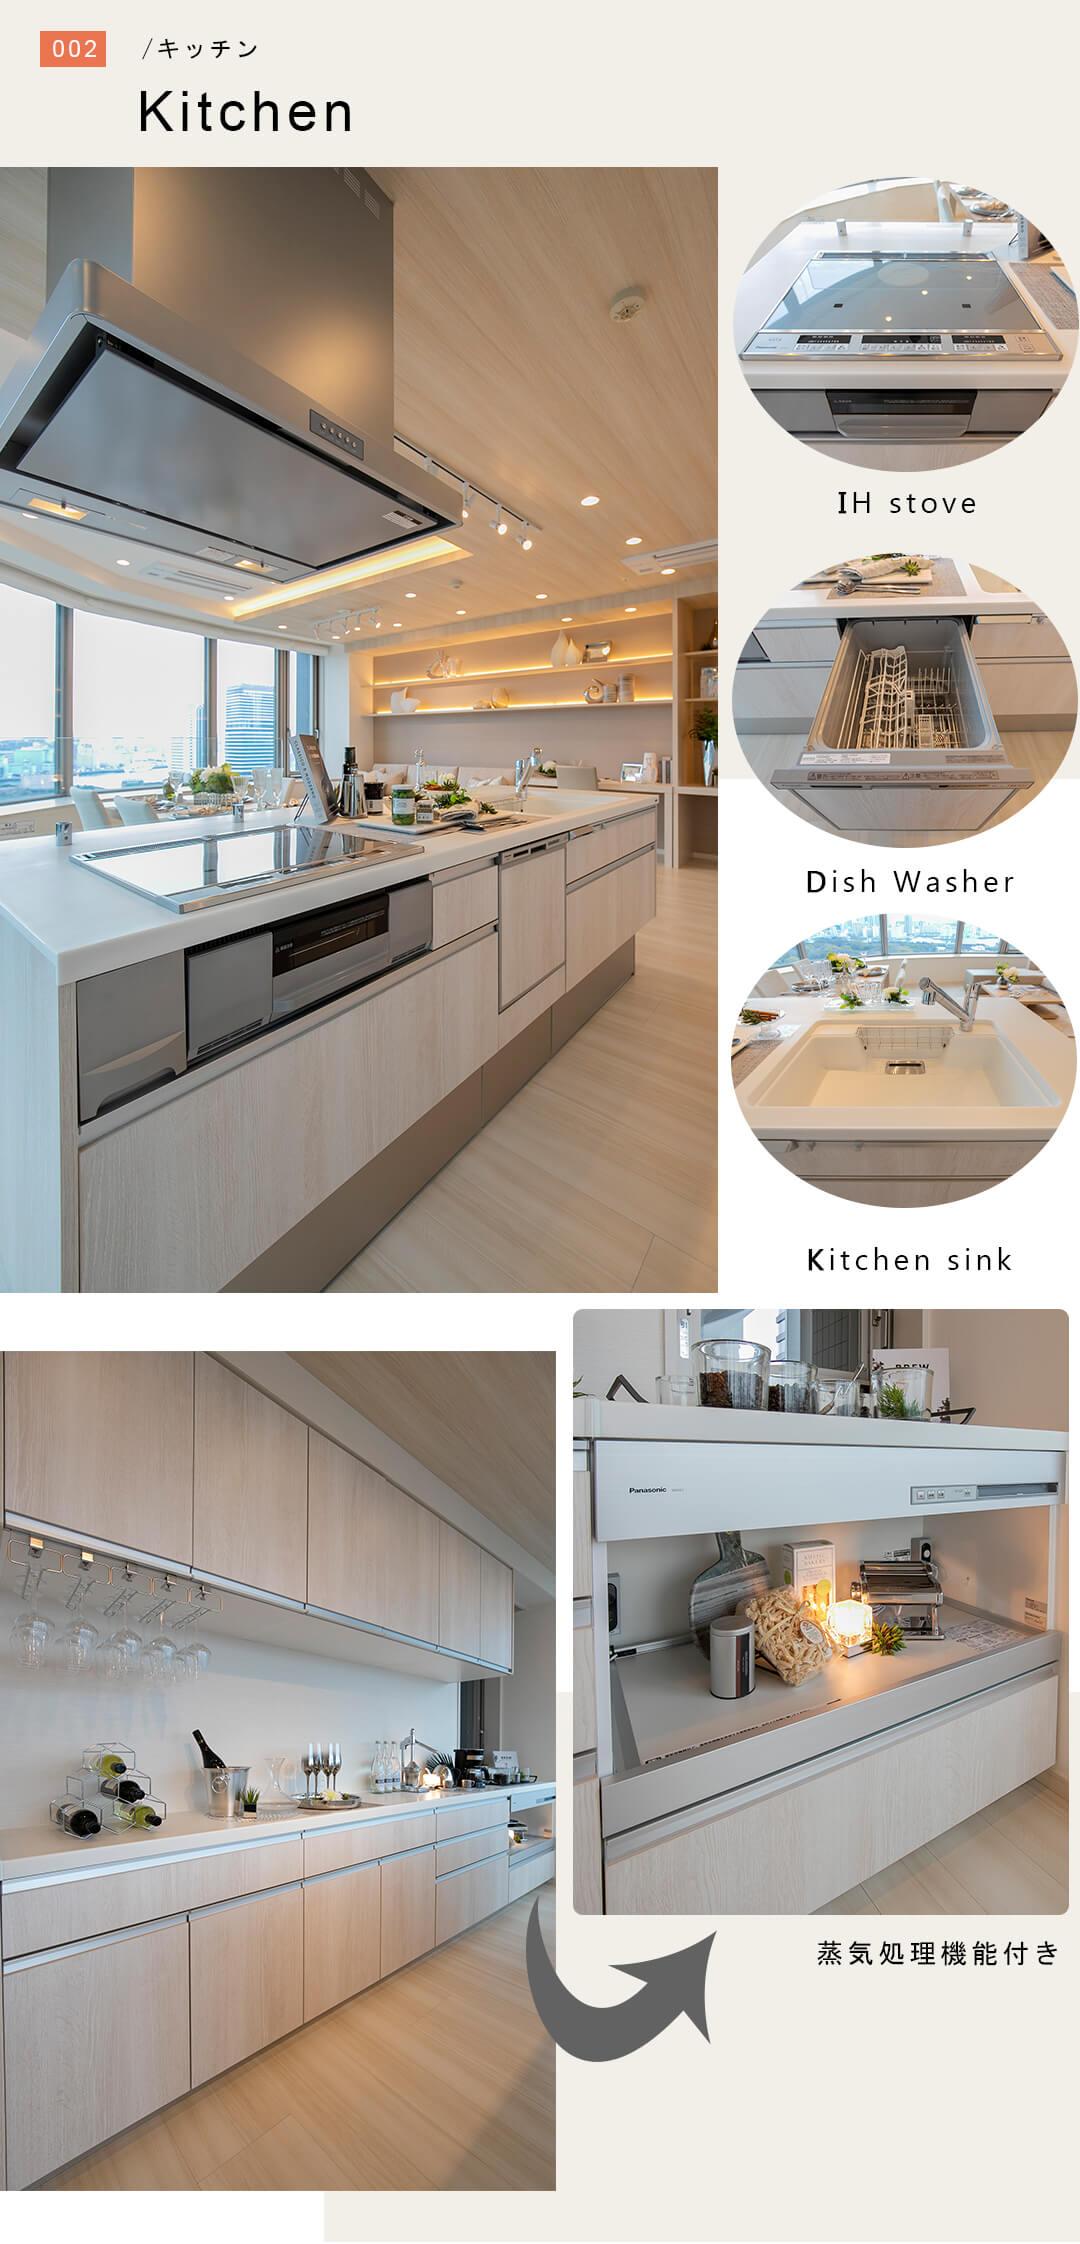 東京ツインパークレフトウイングのキッチン